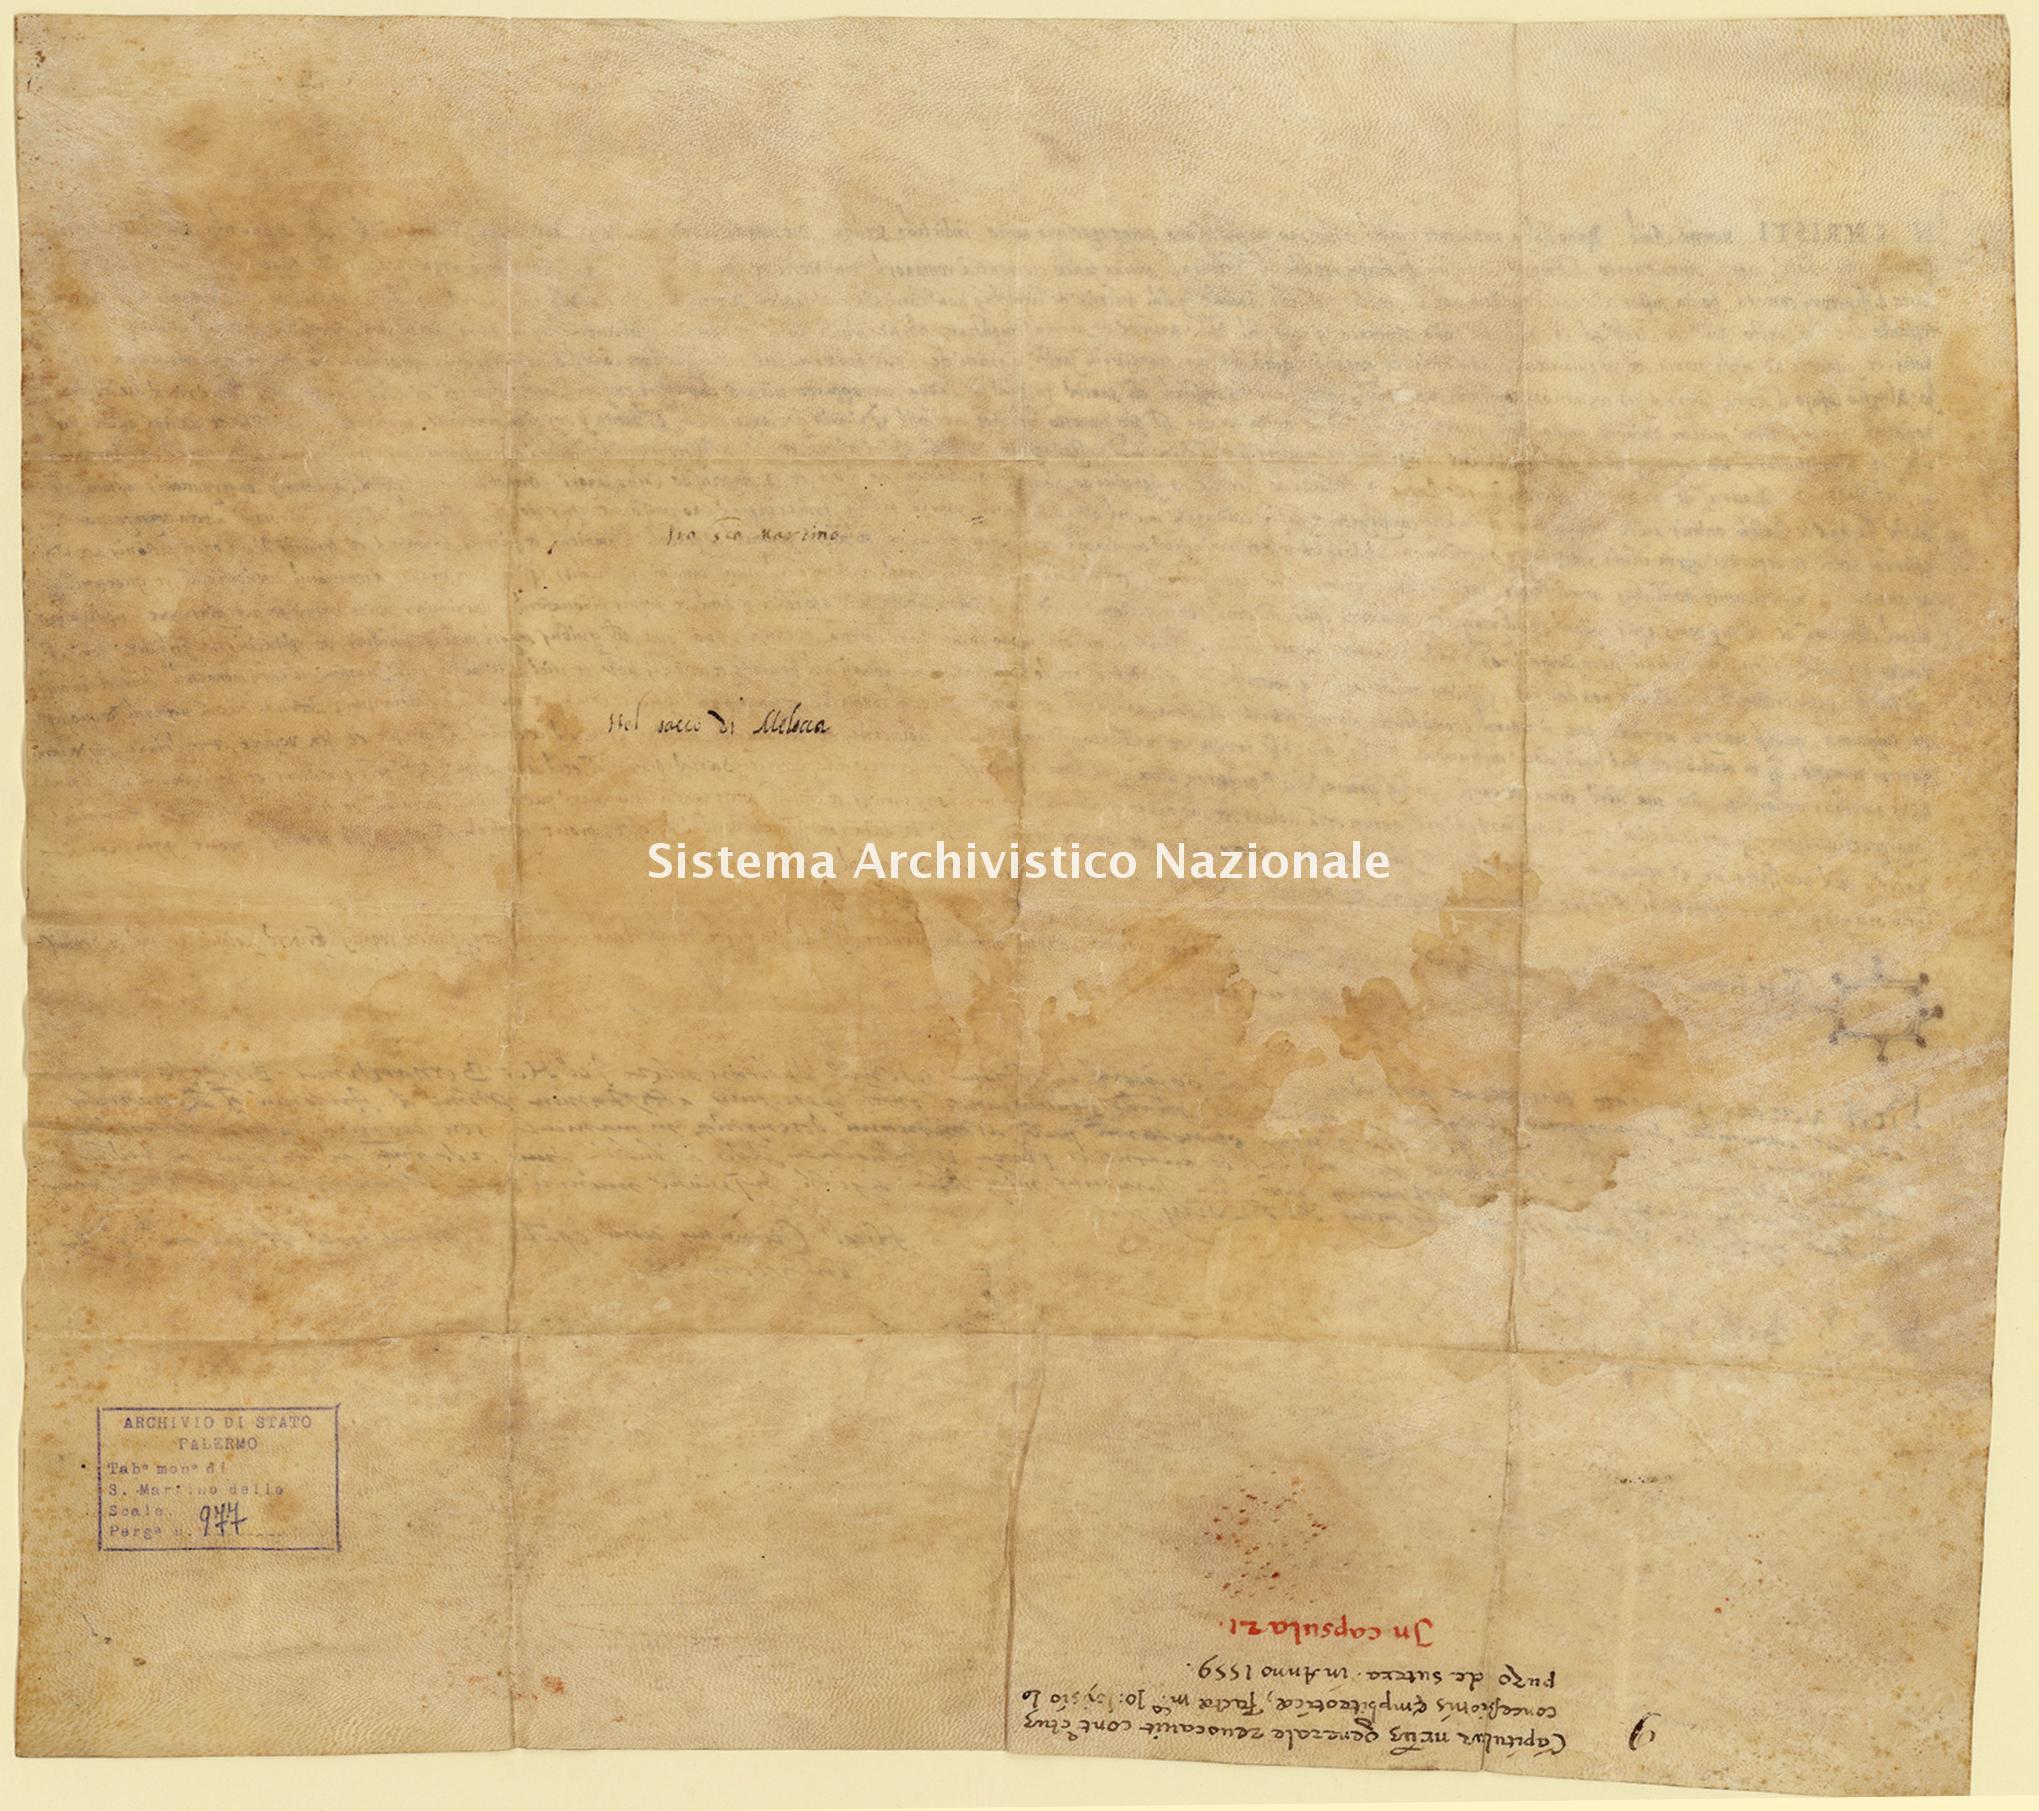 Archivio di Stato di Palermo, Diplomatico, Tabulario del monastero di San Martino delle Scale, Pergamena TSMS 0977